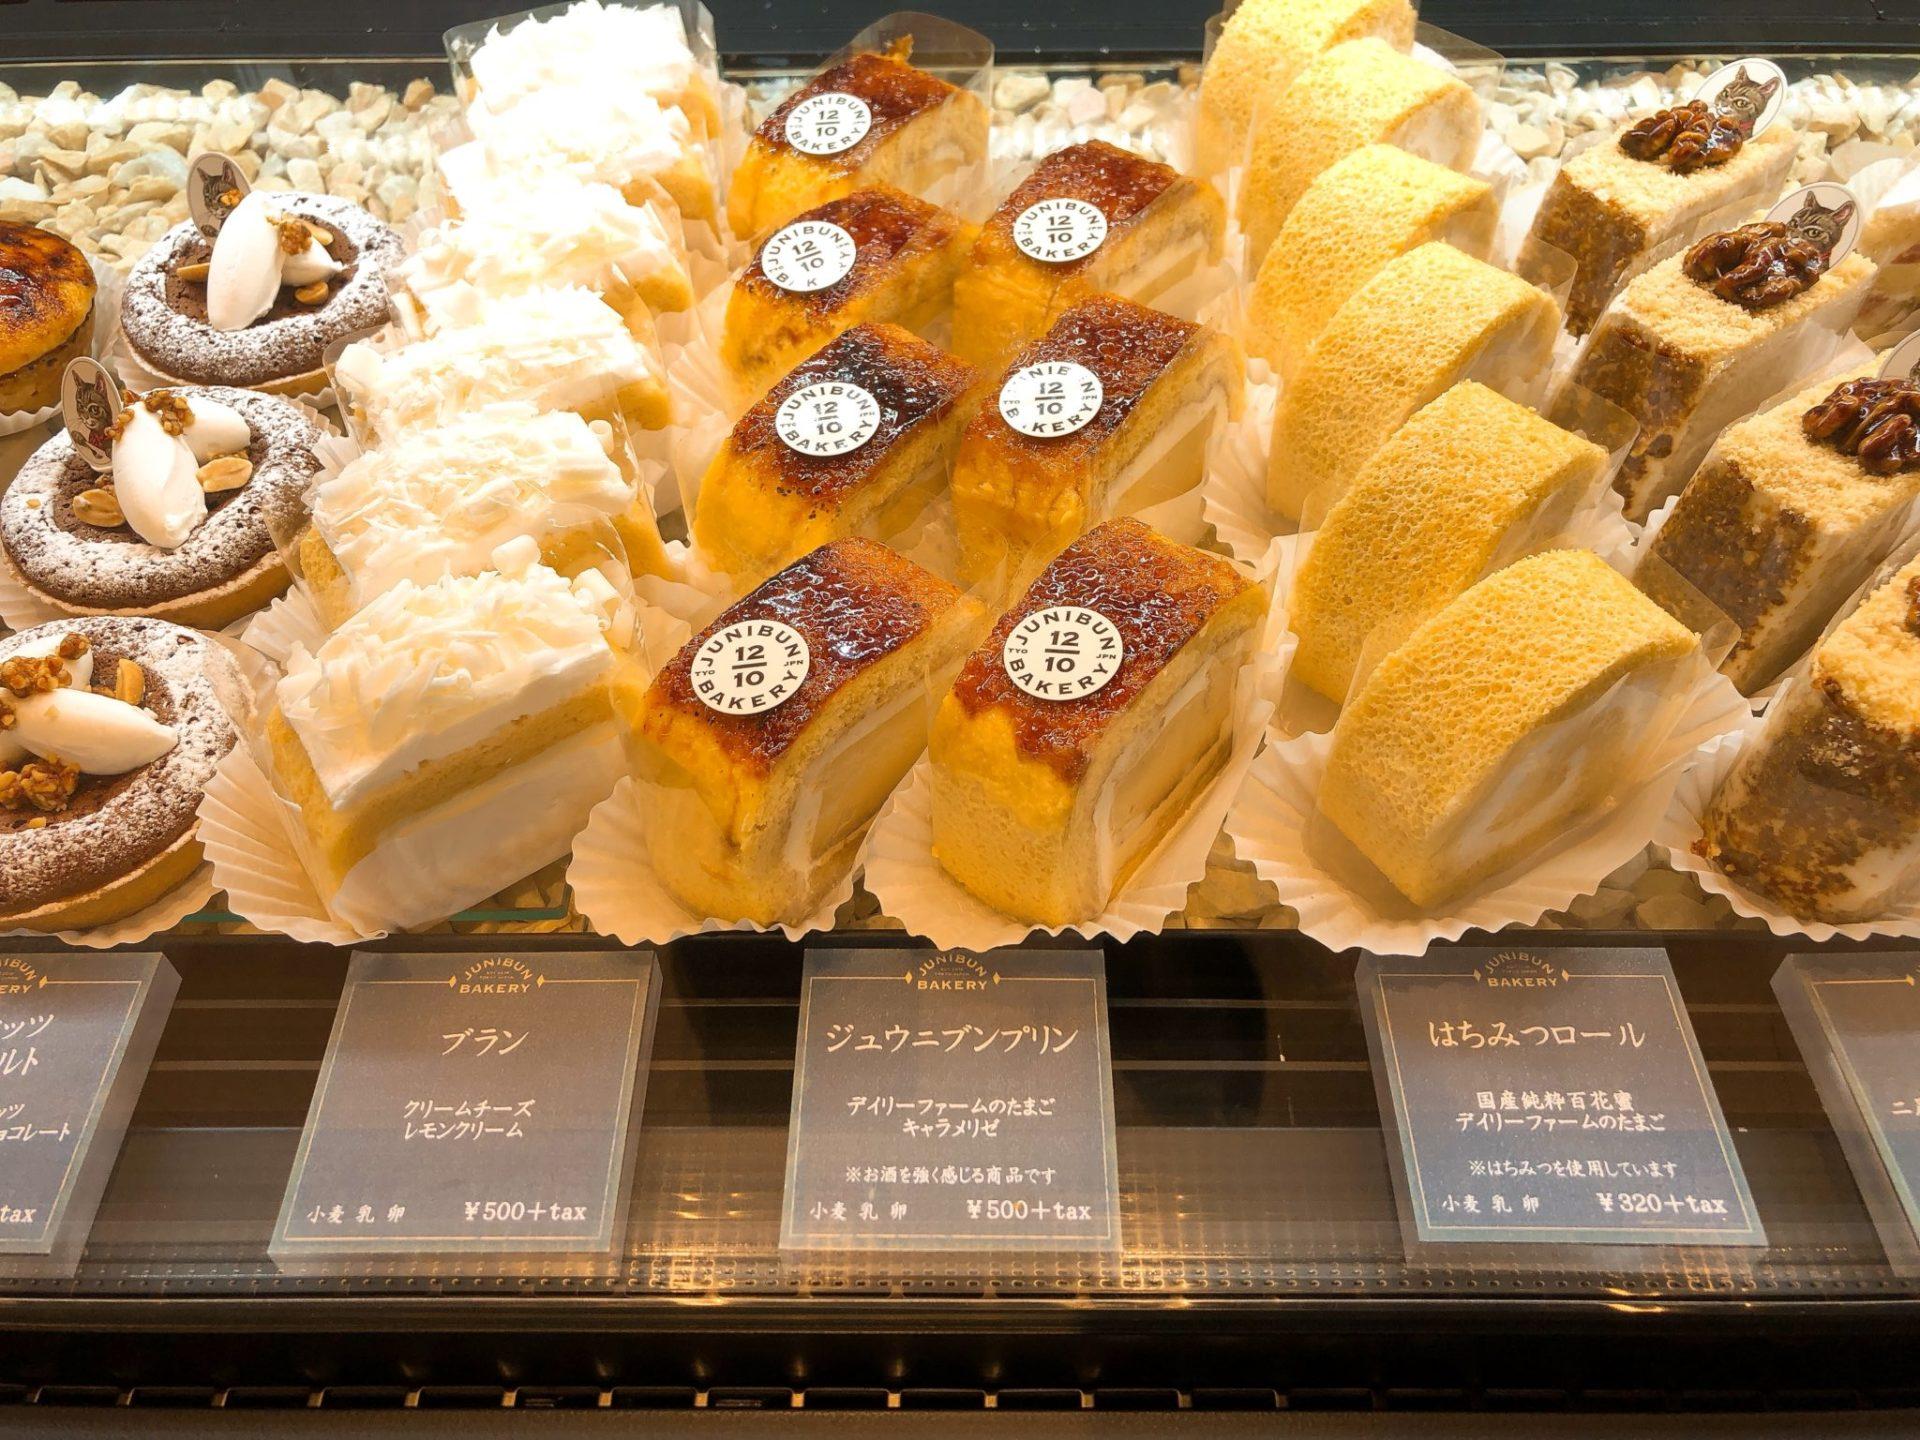 ジュウニブンベーカリー 三軒茶屋本店のケーキ